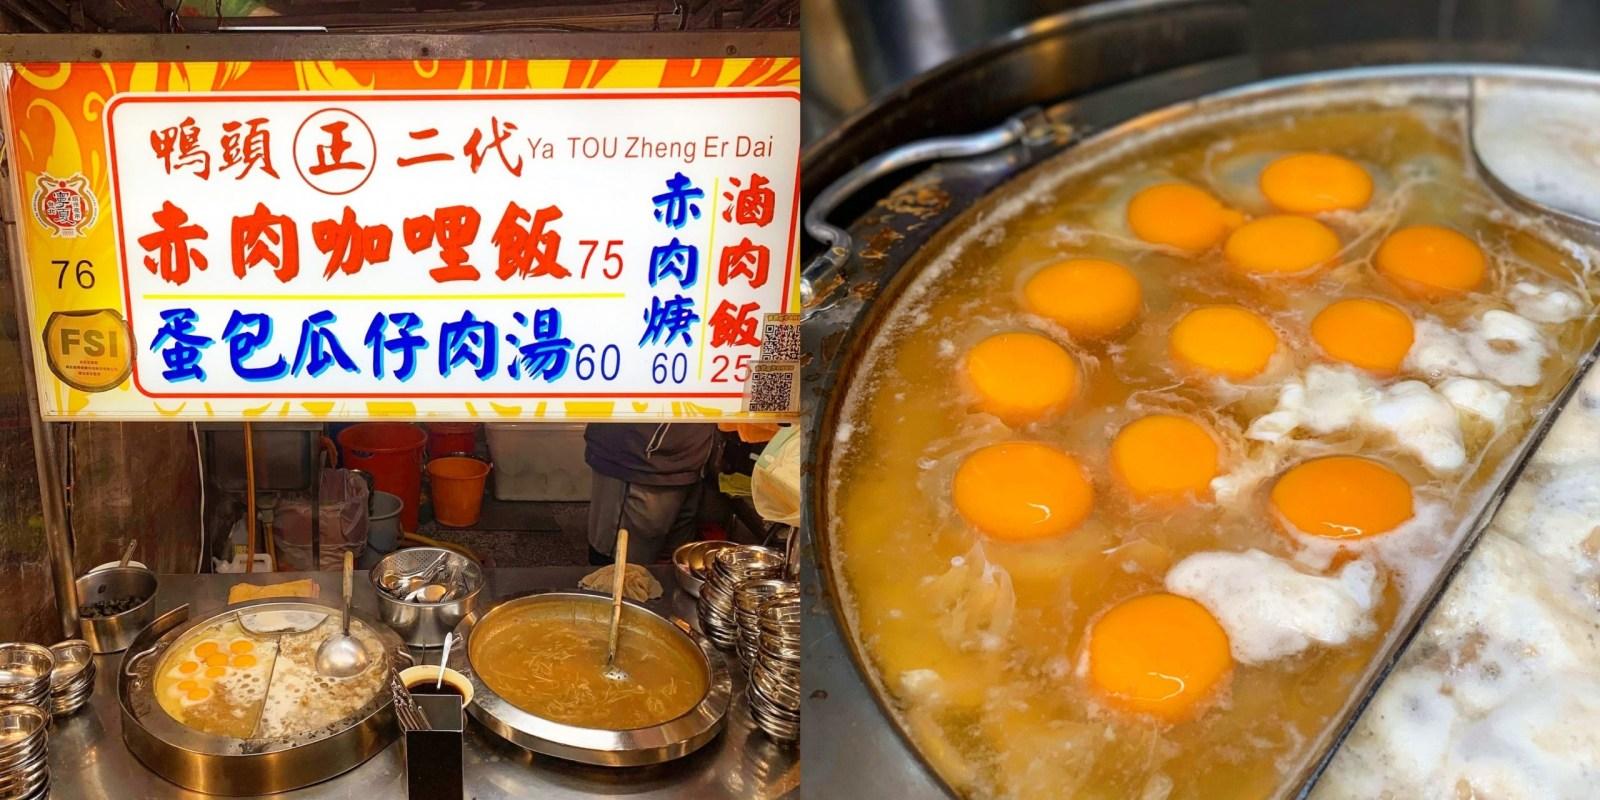 [台北美食] 鴨頭正二代滷肉飯 - 老饕必吃的瓜仔肉飯搭配超大顆鴨蛋蛋黃